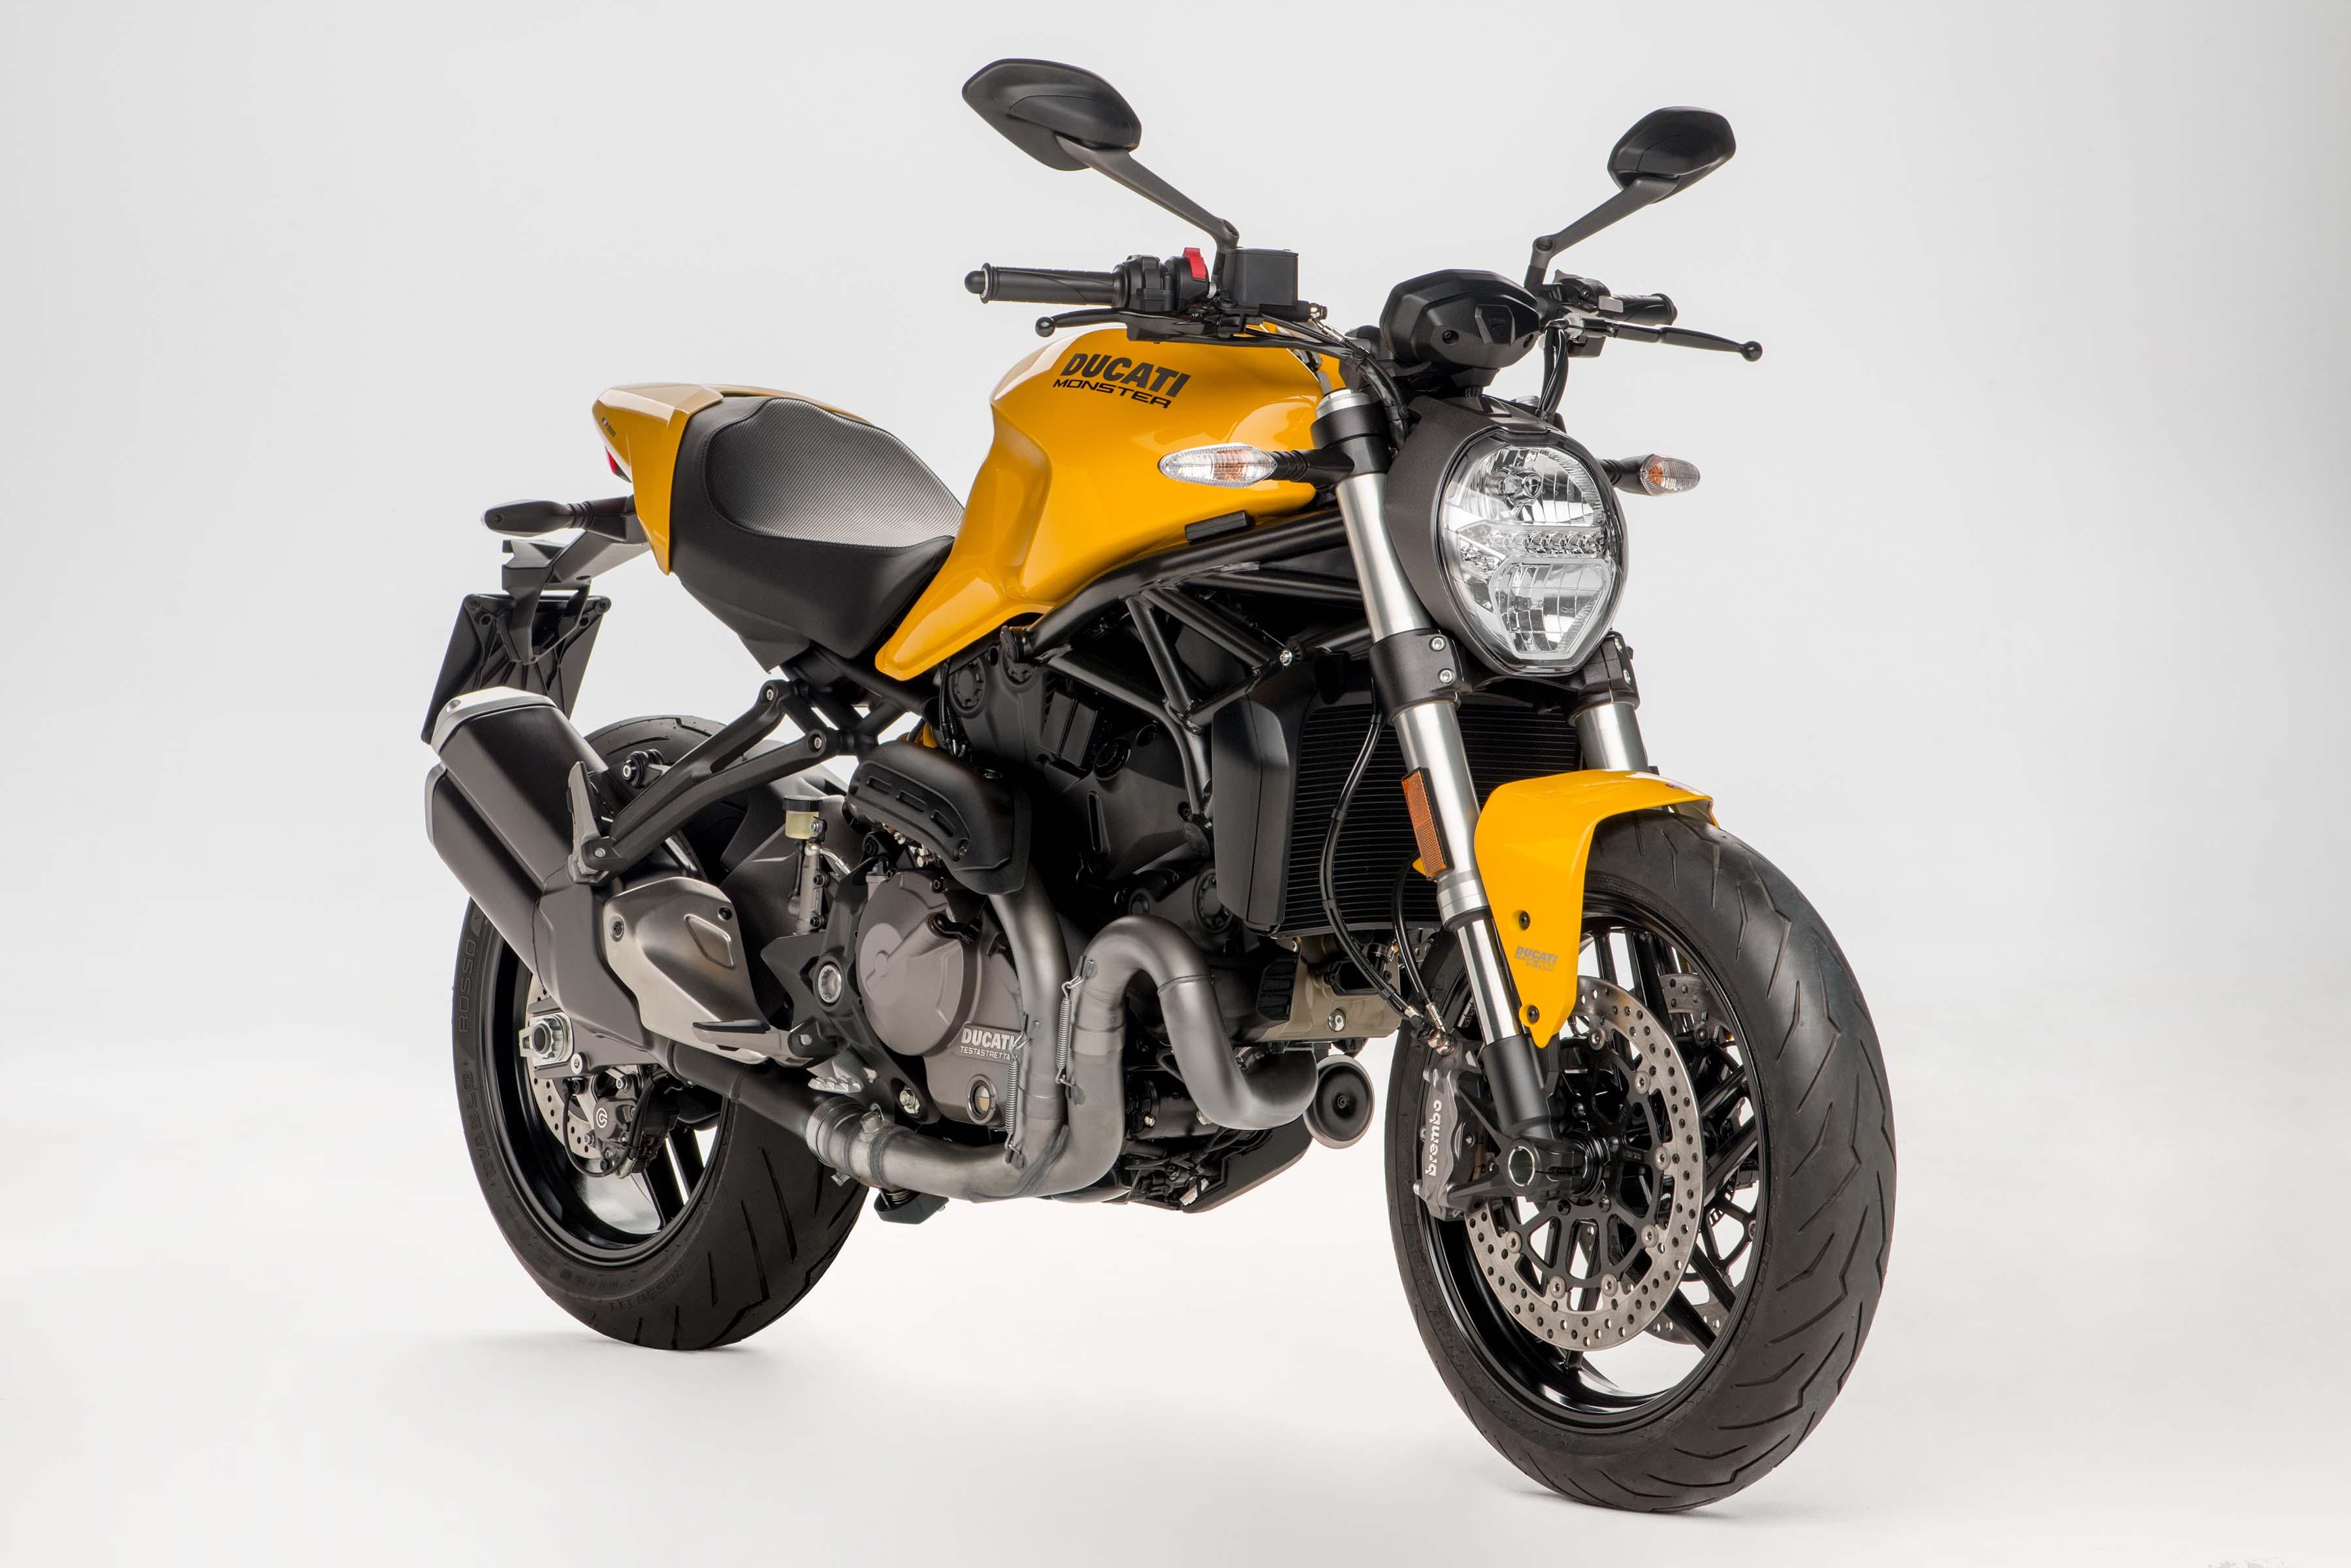 Ducati Monster 821 >> Ducati Monster 821 Gets Updated For 2018 Asphalt Rubber